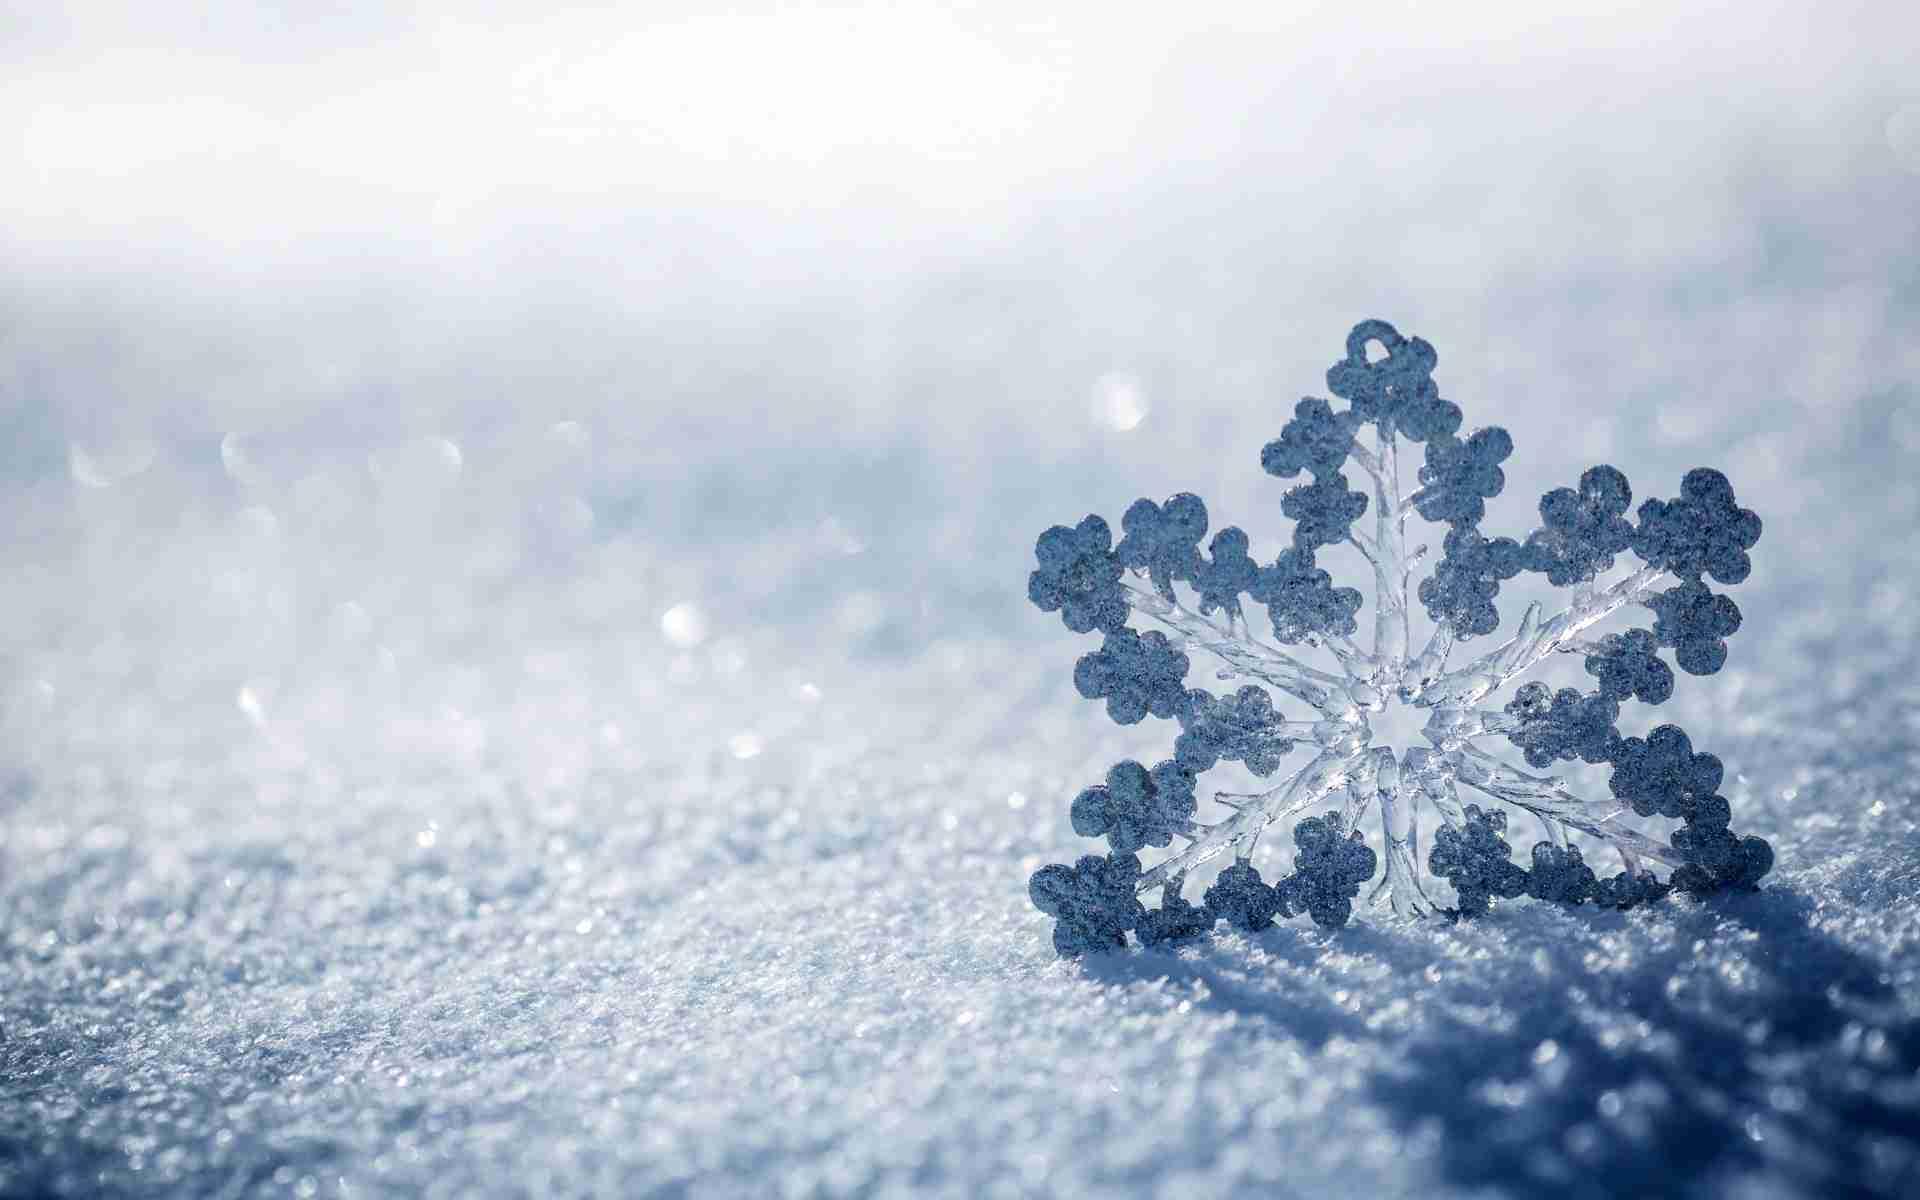 Sfondi Hd Fiocco Di Neve Sfondi Hd Gratis